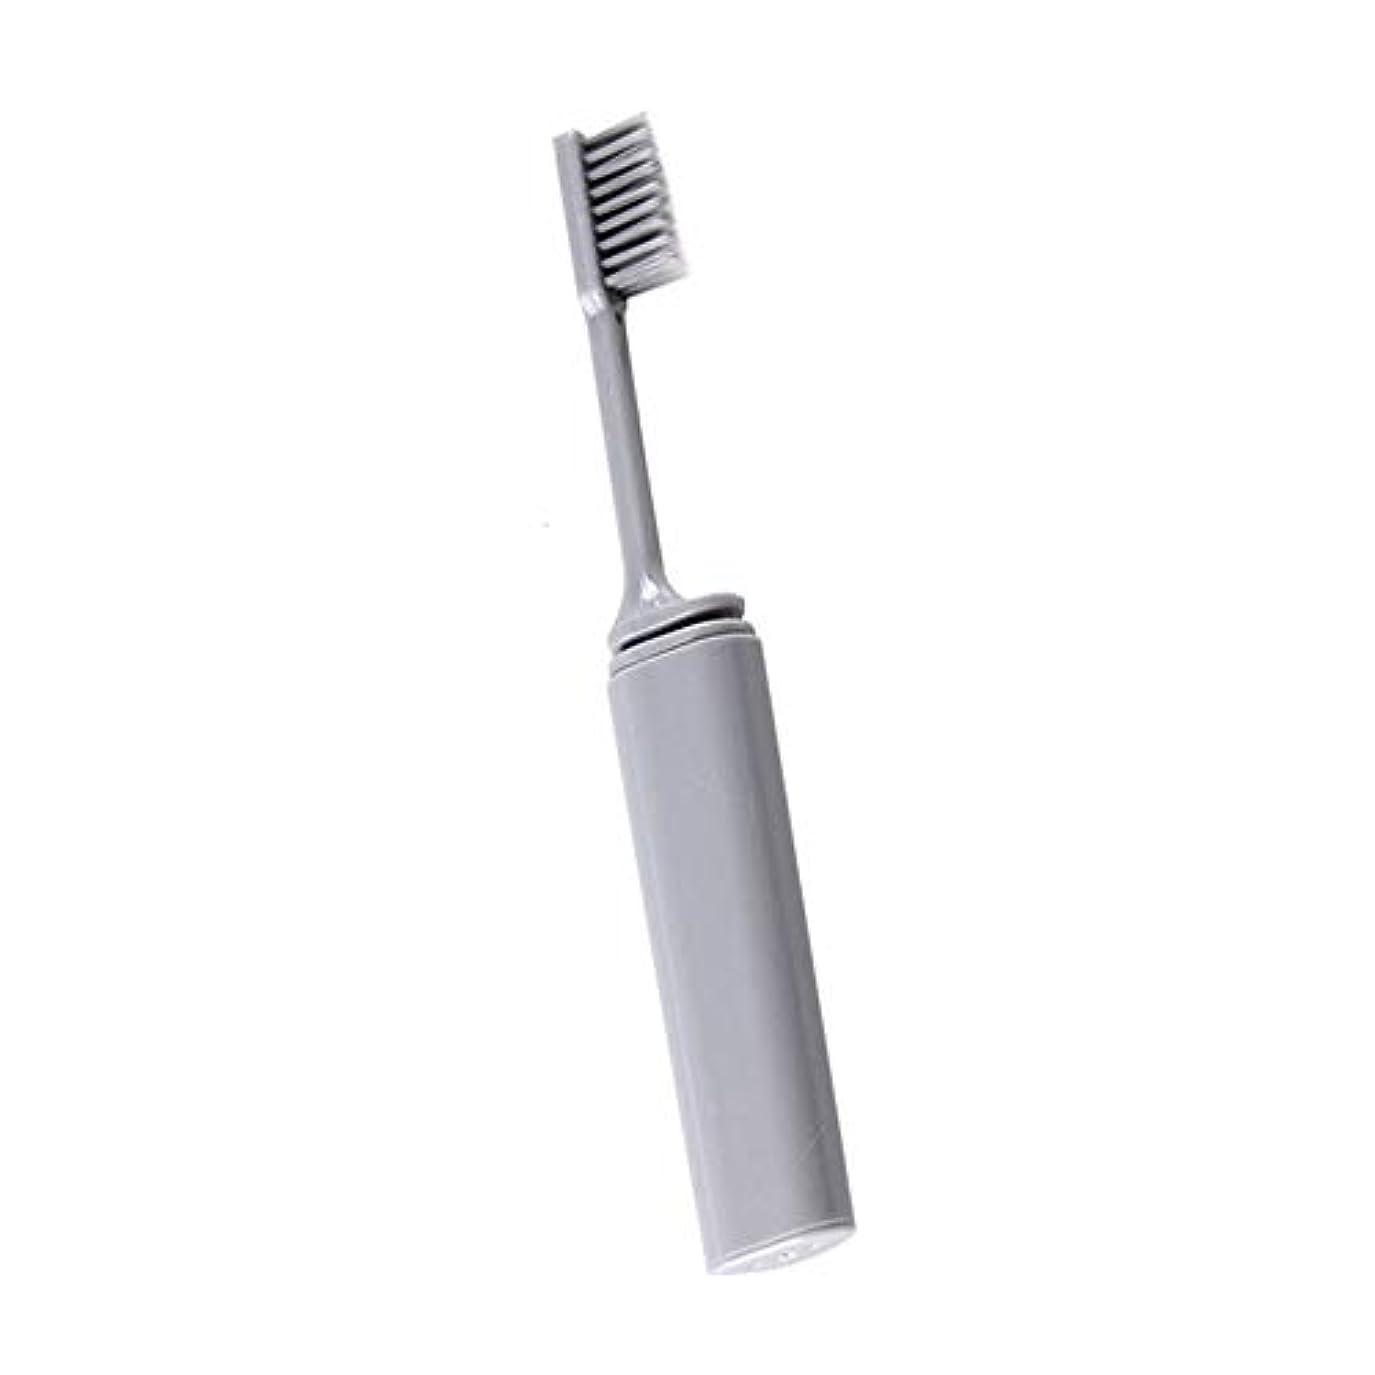 リールパーチナシティまた明日ねOnior 旅行歯ブラシ 折りたたみ歯ブラシ 携帯歯ブラシ 外出 旅行用品, ソフト コンパクト歯ブラシ 便利 折りたたみ 耐久性 携帯用 灰色